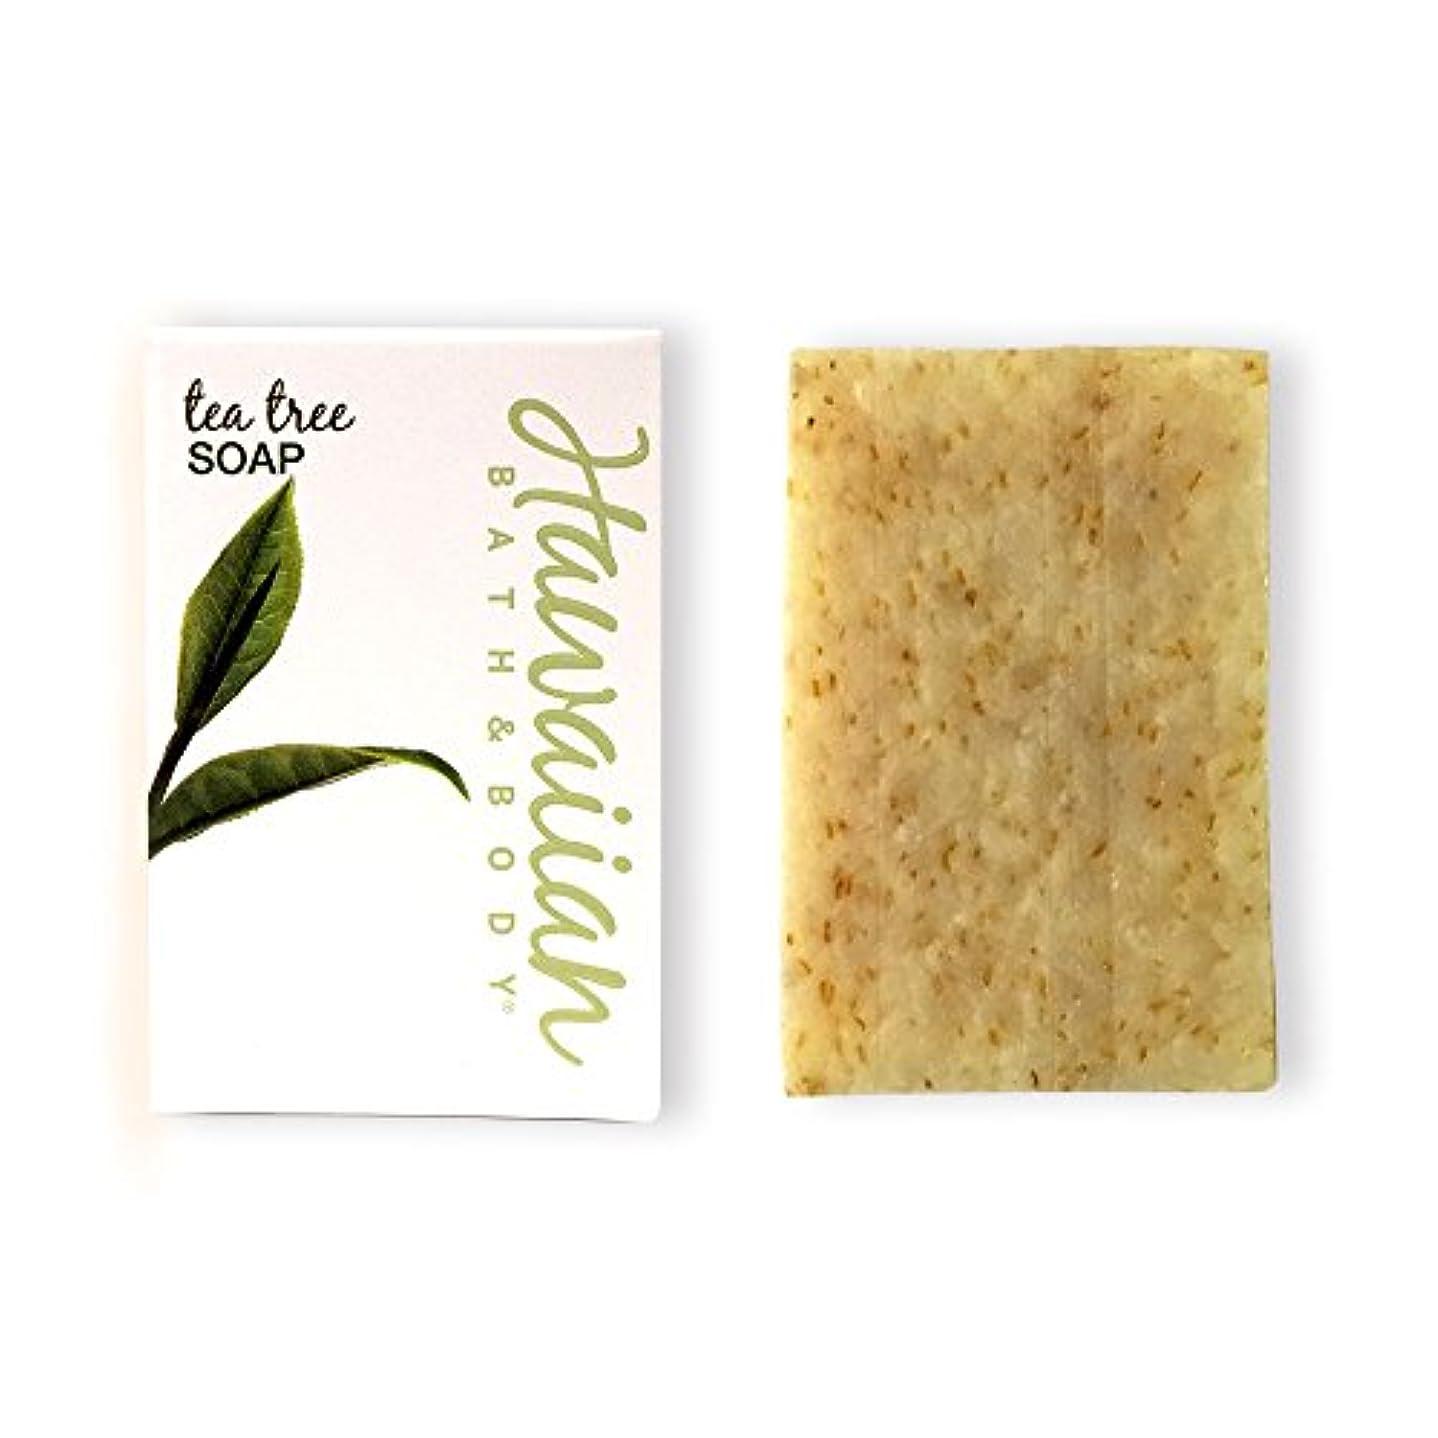 バター溶けたアーティキュレーションハワイアンバス&ボディ ティーツリーソープ(トロピカルブレンド)( Tea Tree Soap )